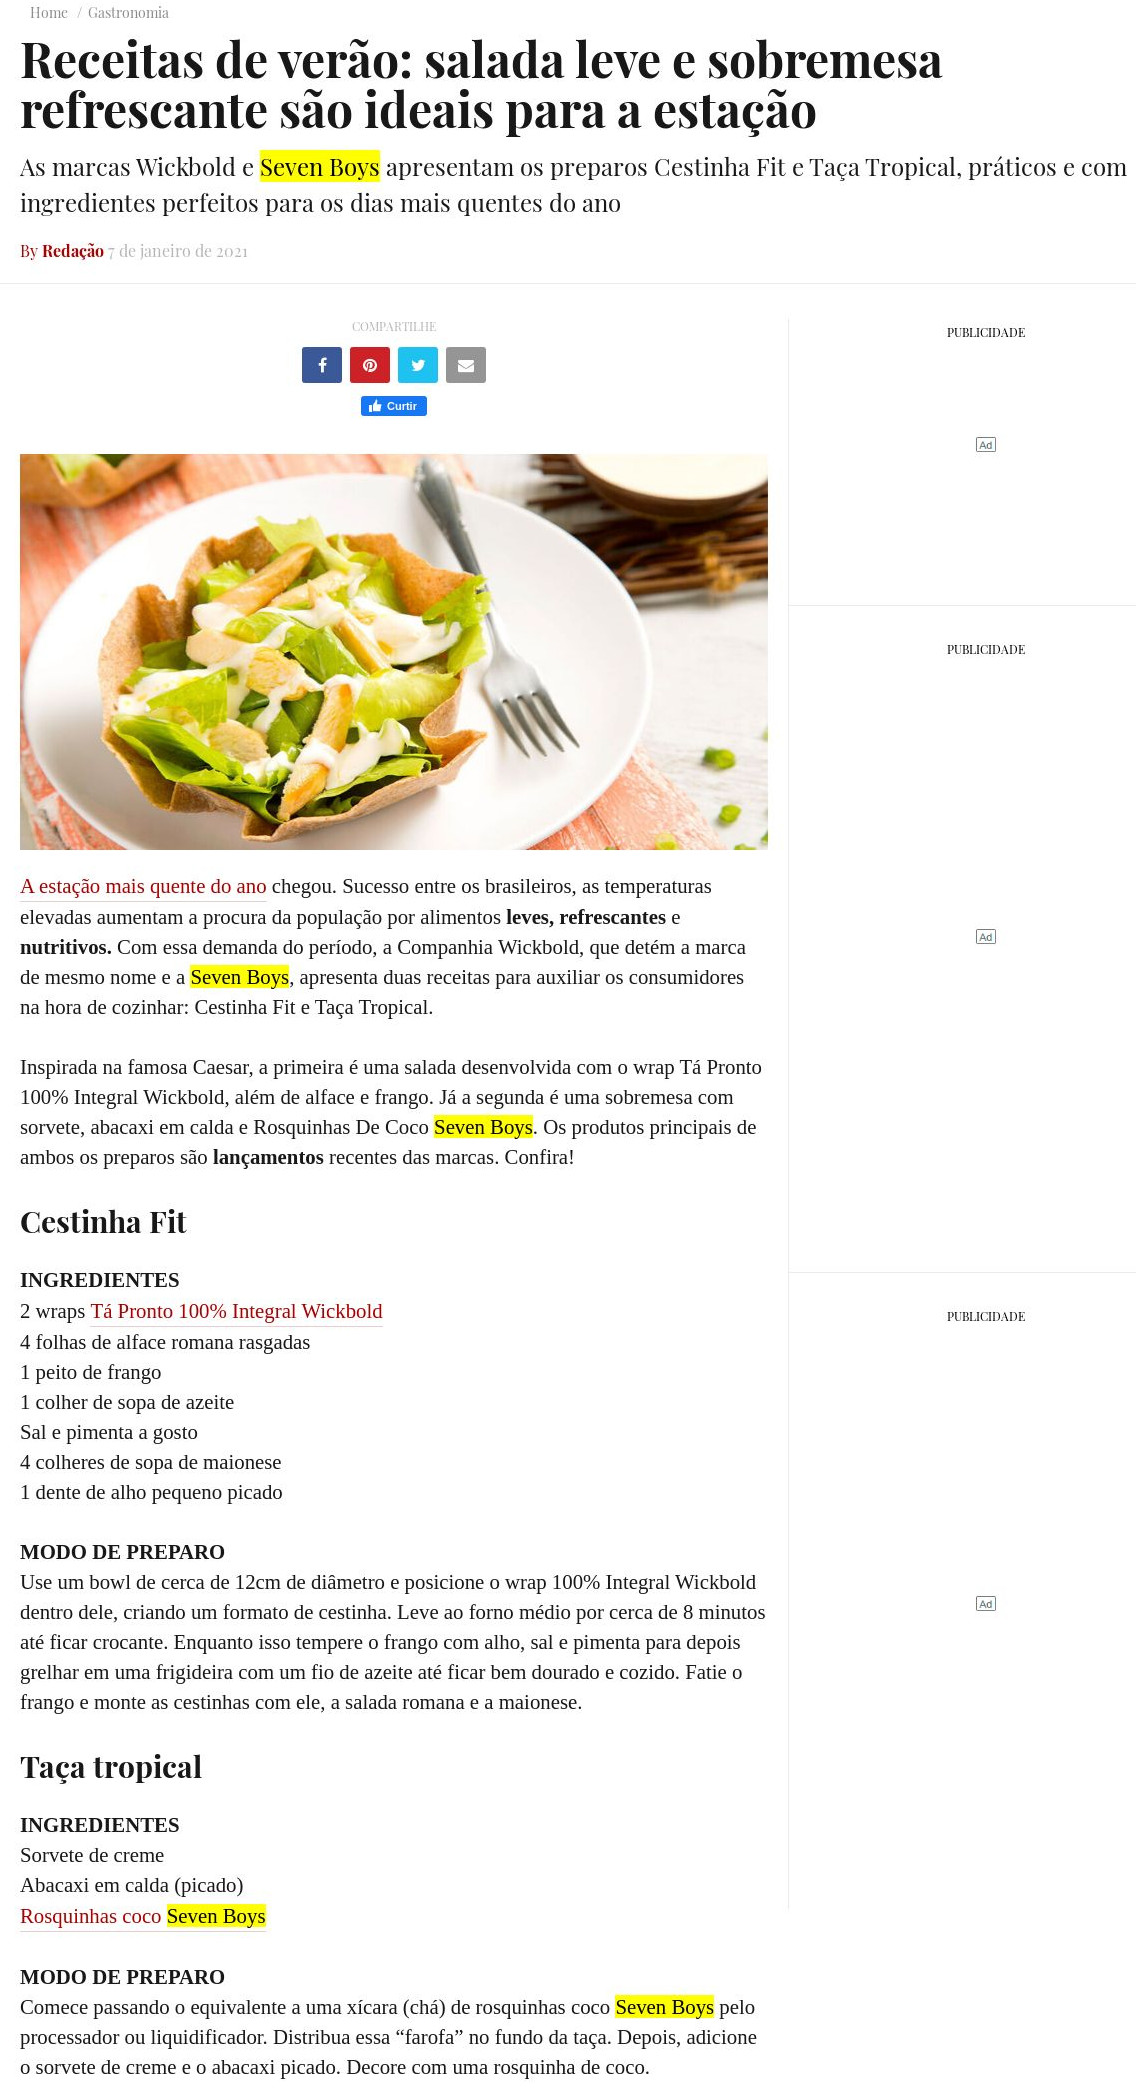 Receitas de verão: salada leve e sobremesa refrescante são ideais para a estação - Topview